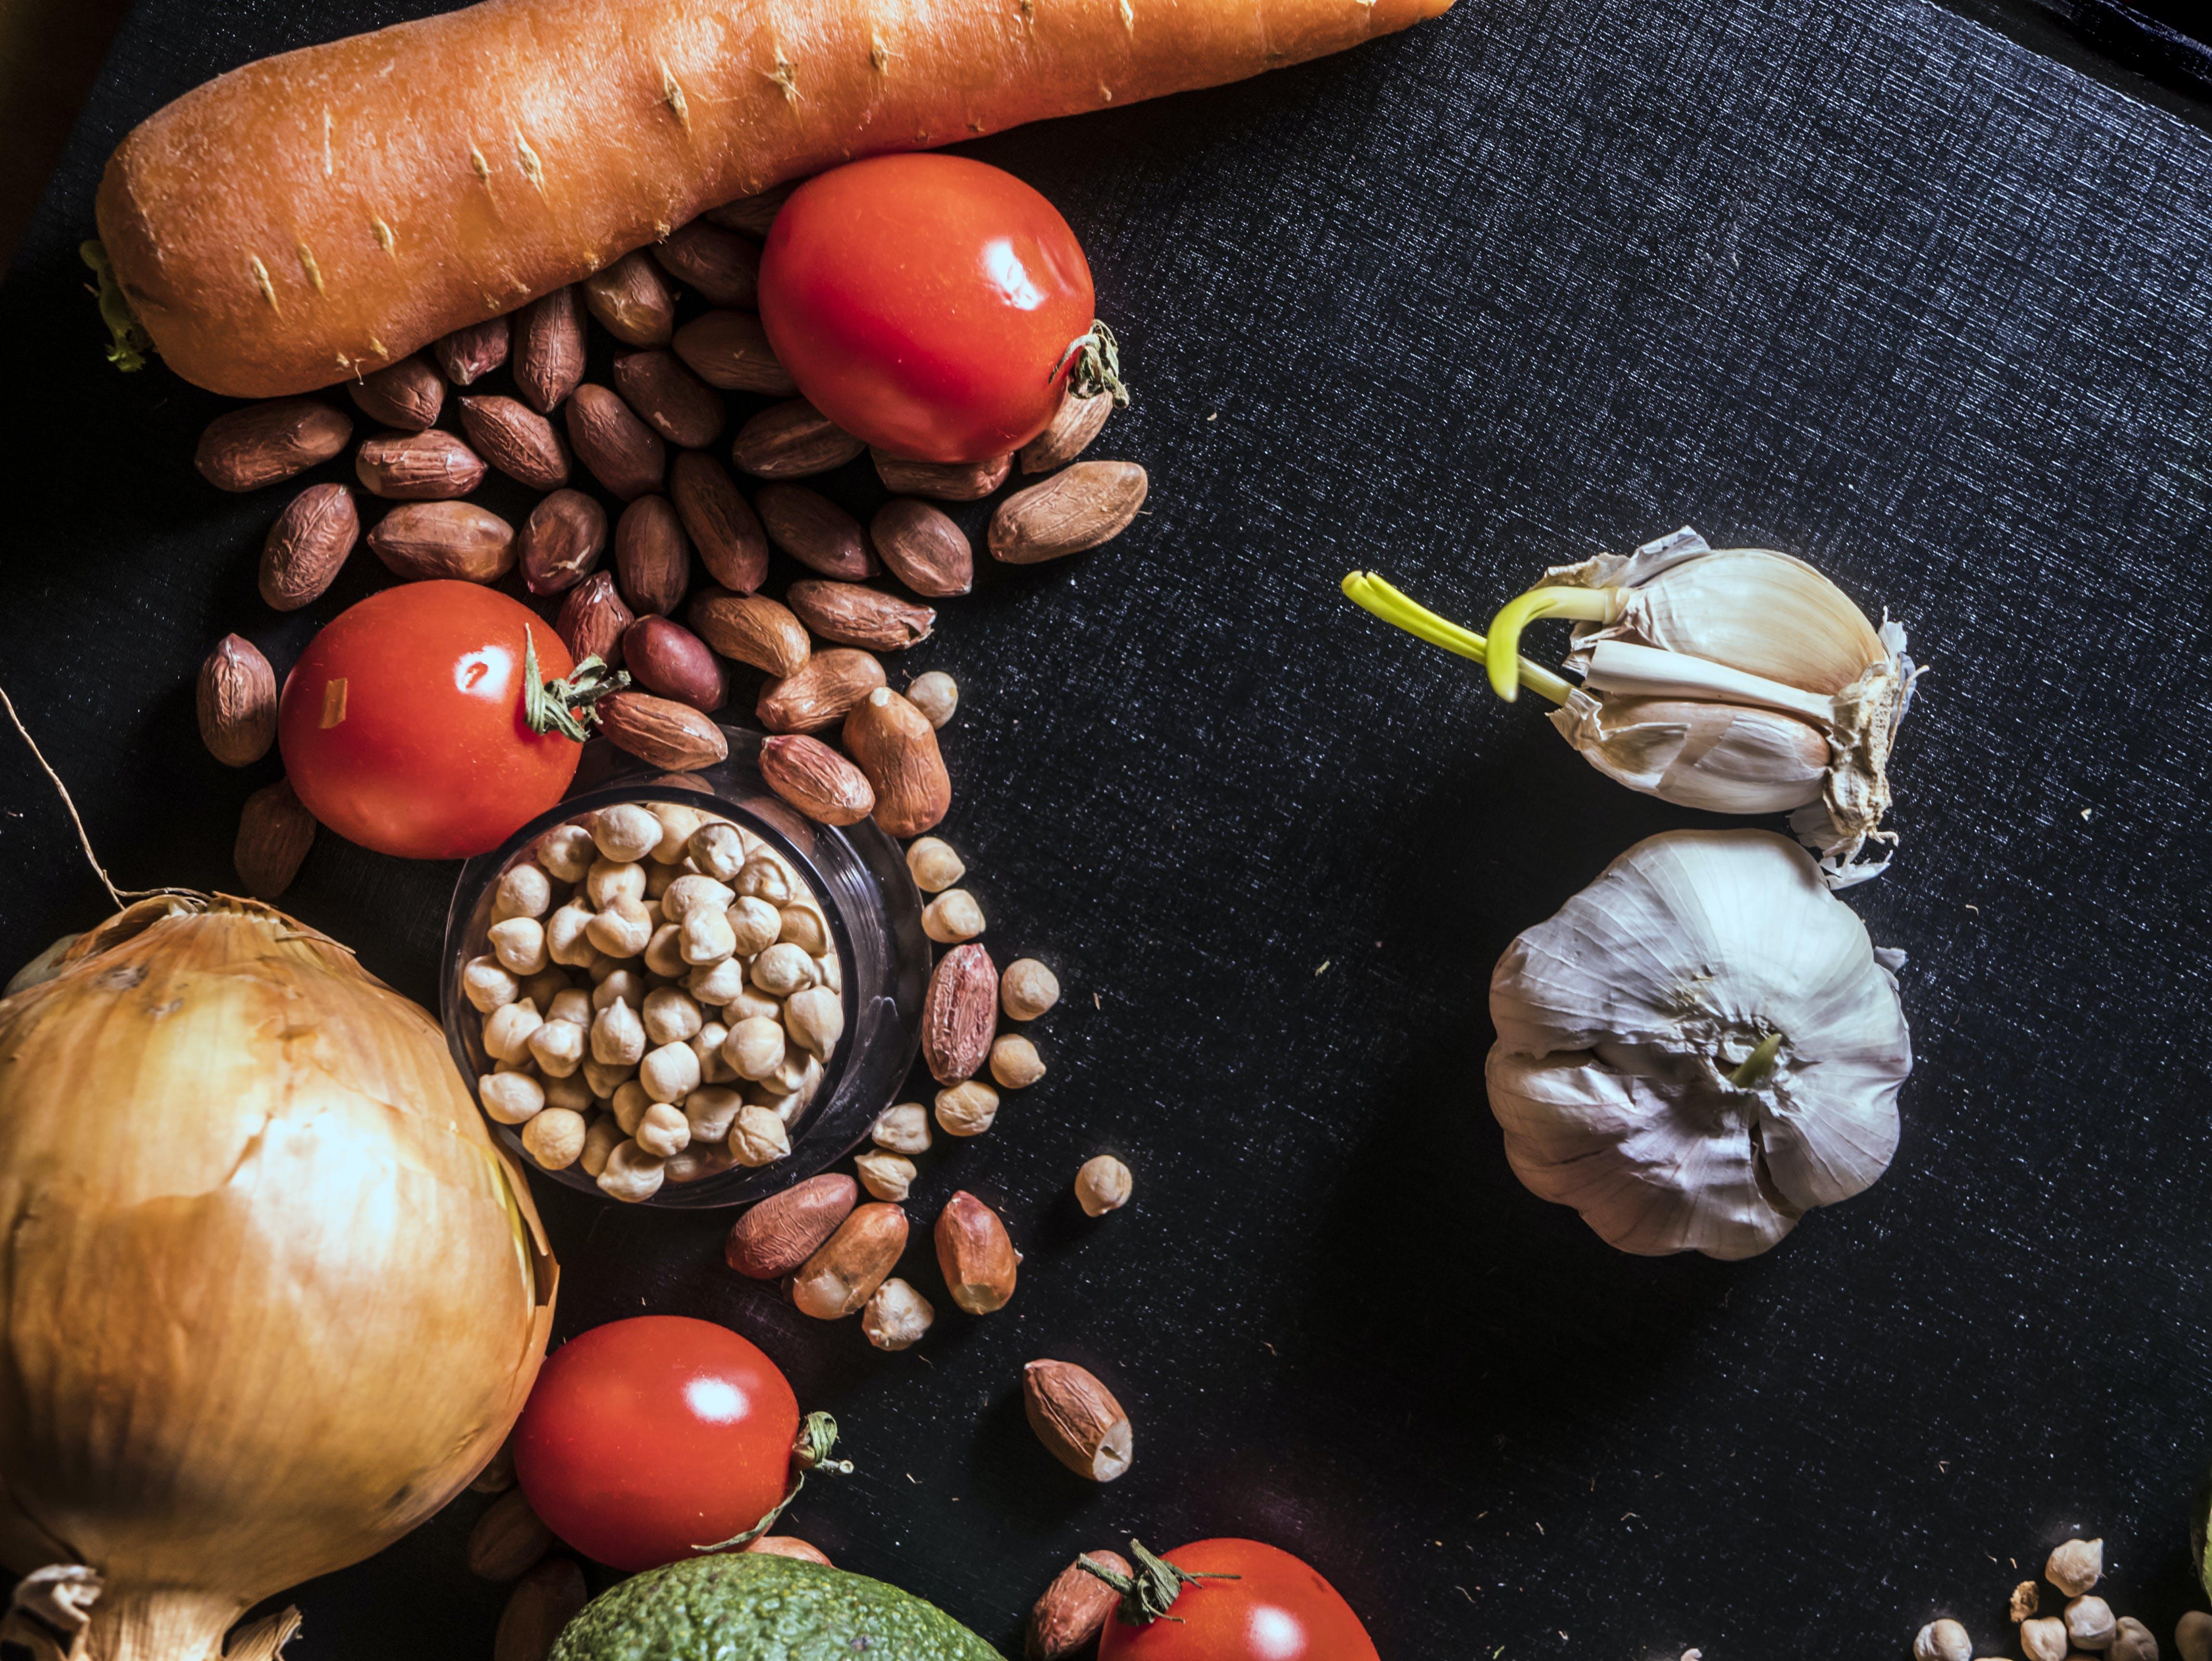 Fotos de stock gratuitas de ajo, cacahuetes, cebolla, colores